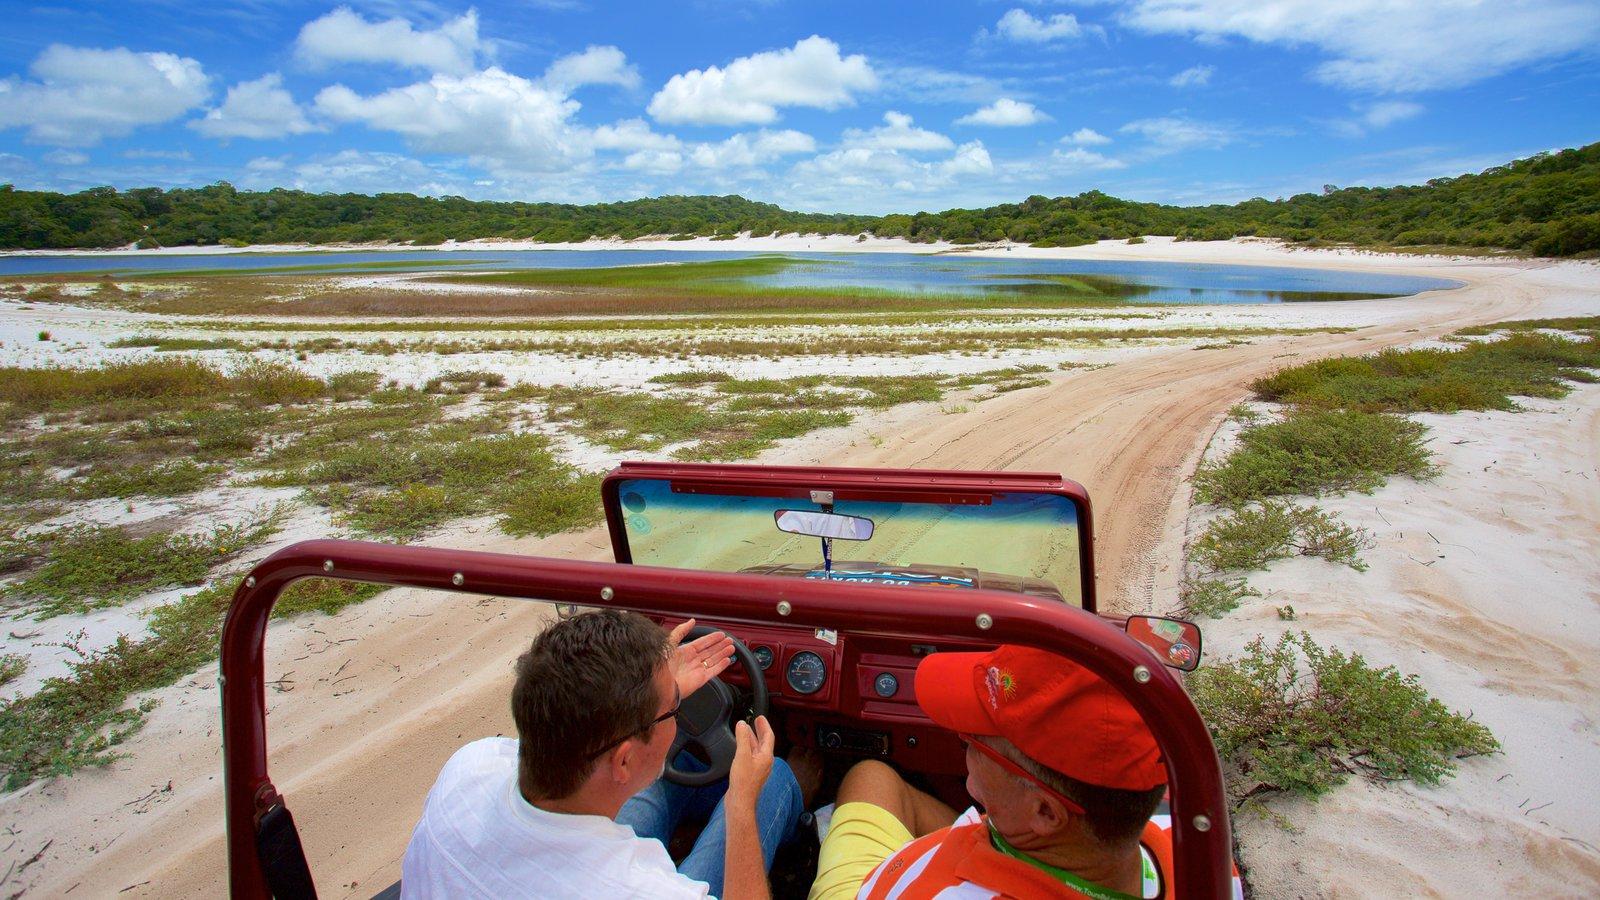 Natal que inclui off-road, uma praia e um lago ou charco